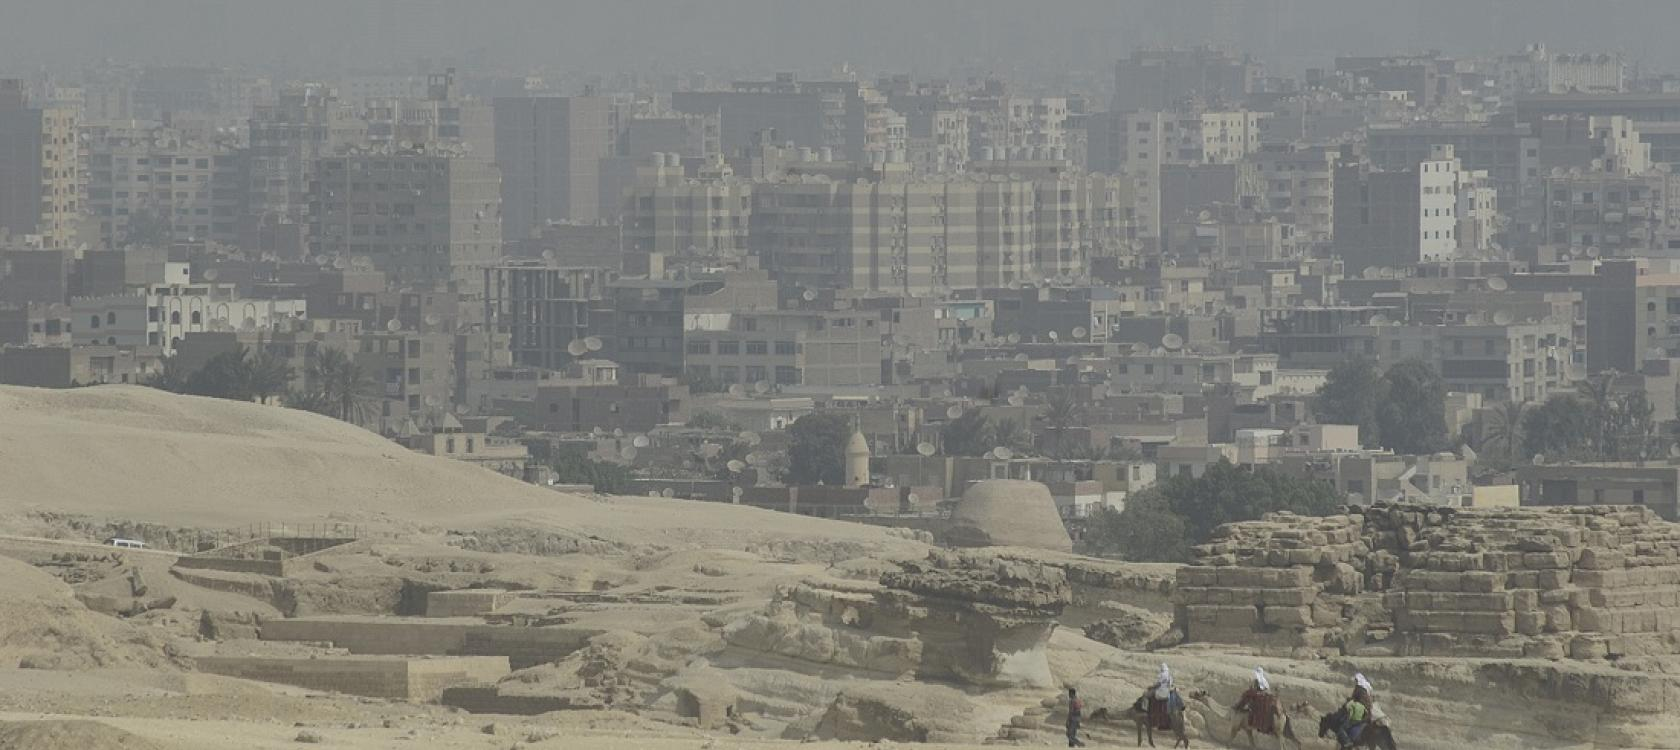 Le Caire, Egypte, Gentilhomme, ville